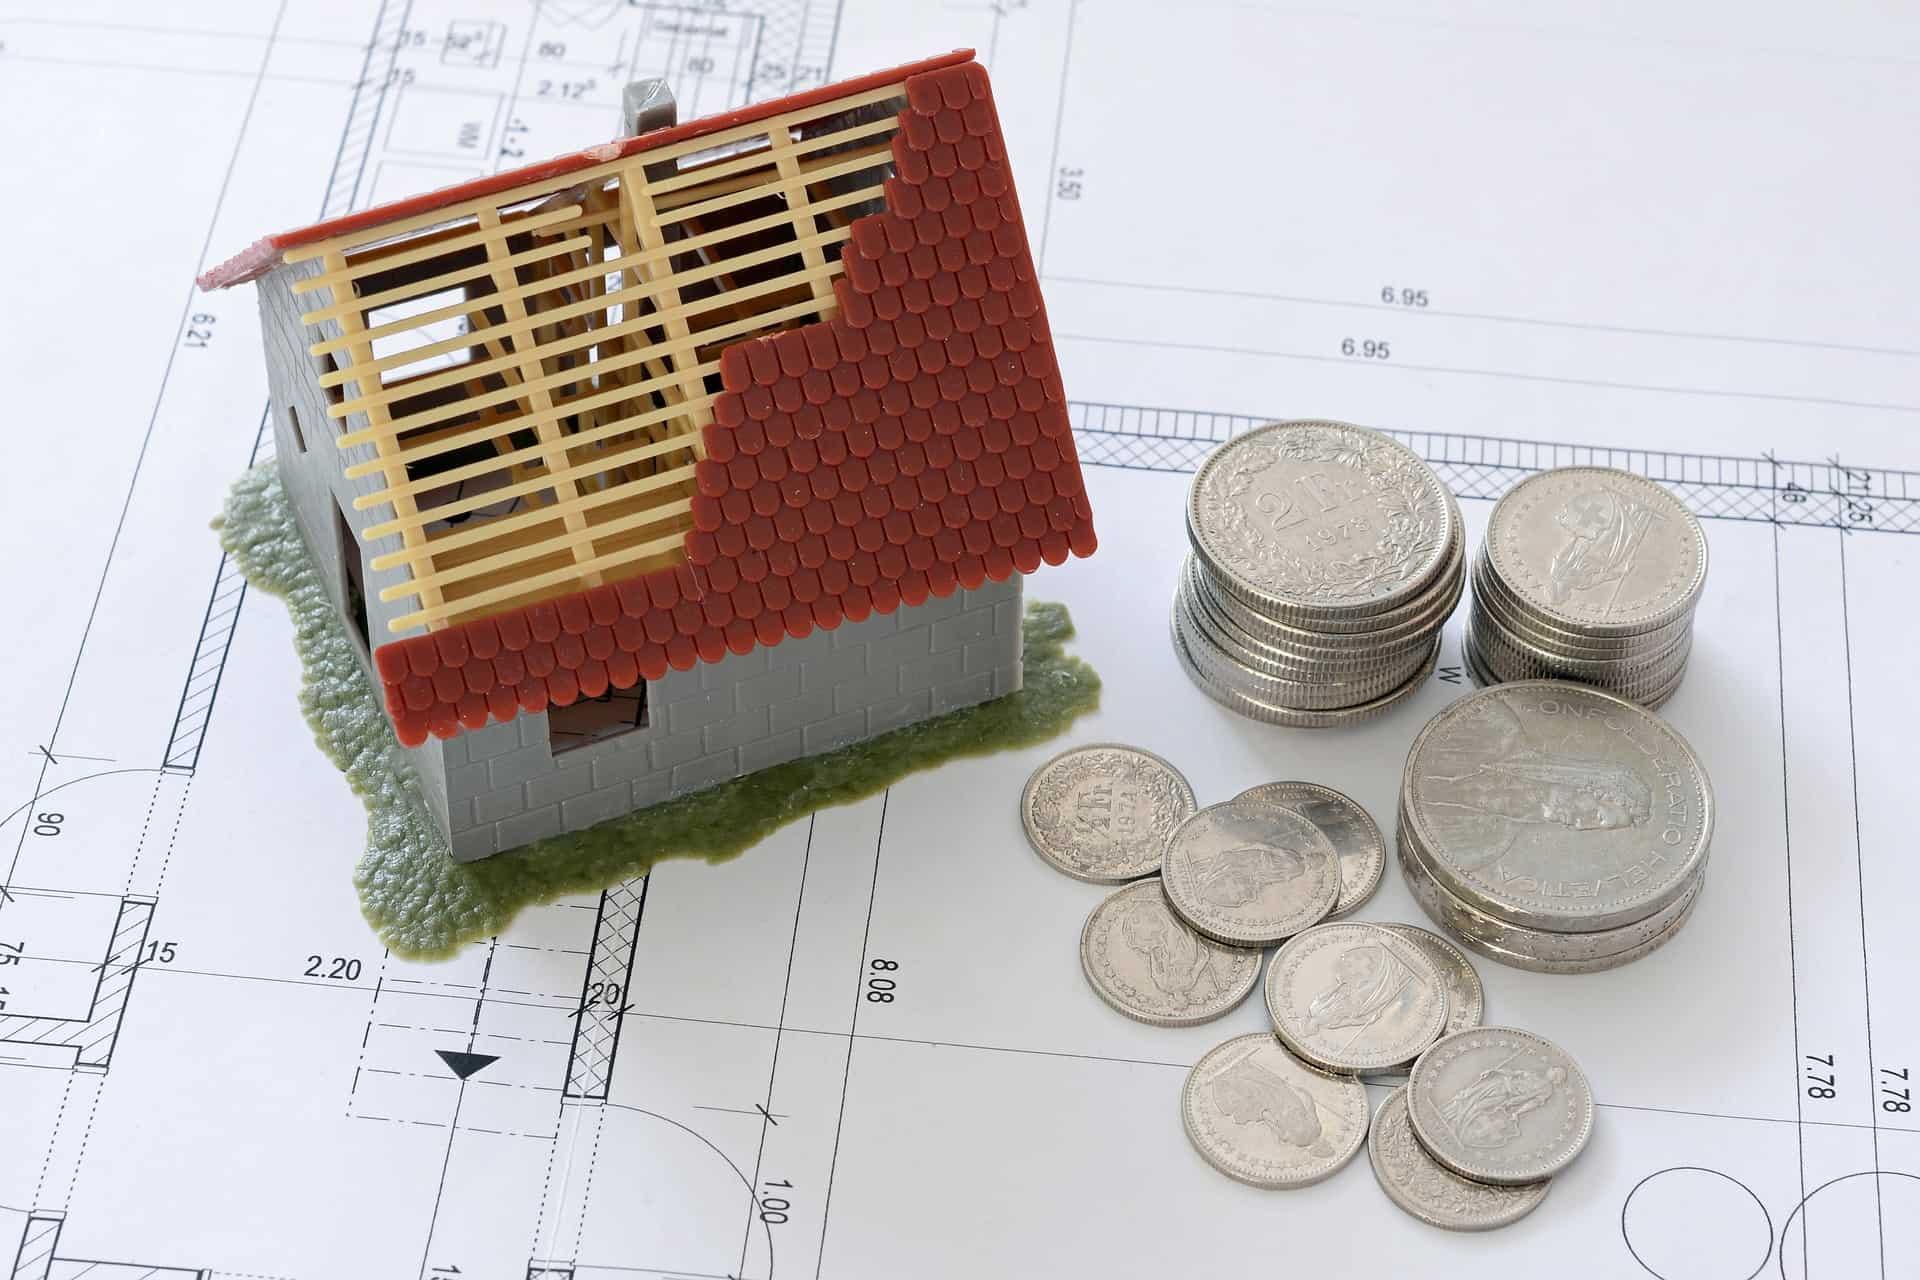 Costo Costruzione Casa Al Grezzo ecco quanto costa costruire una casa di 100 mq | immobili